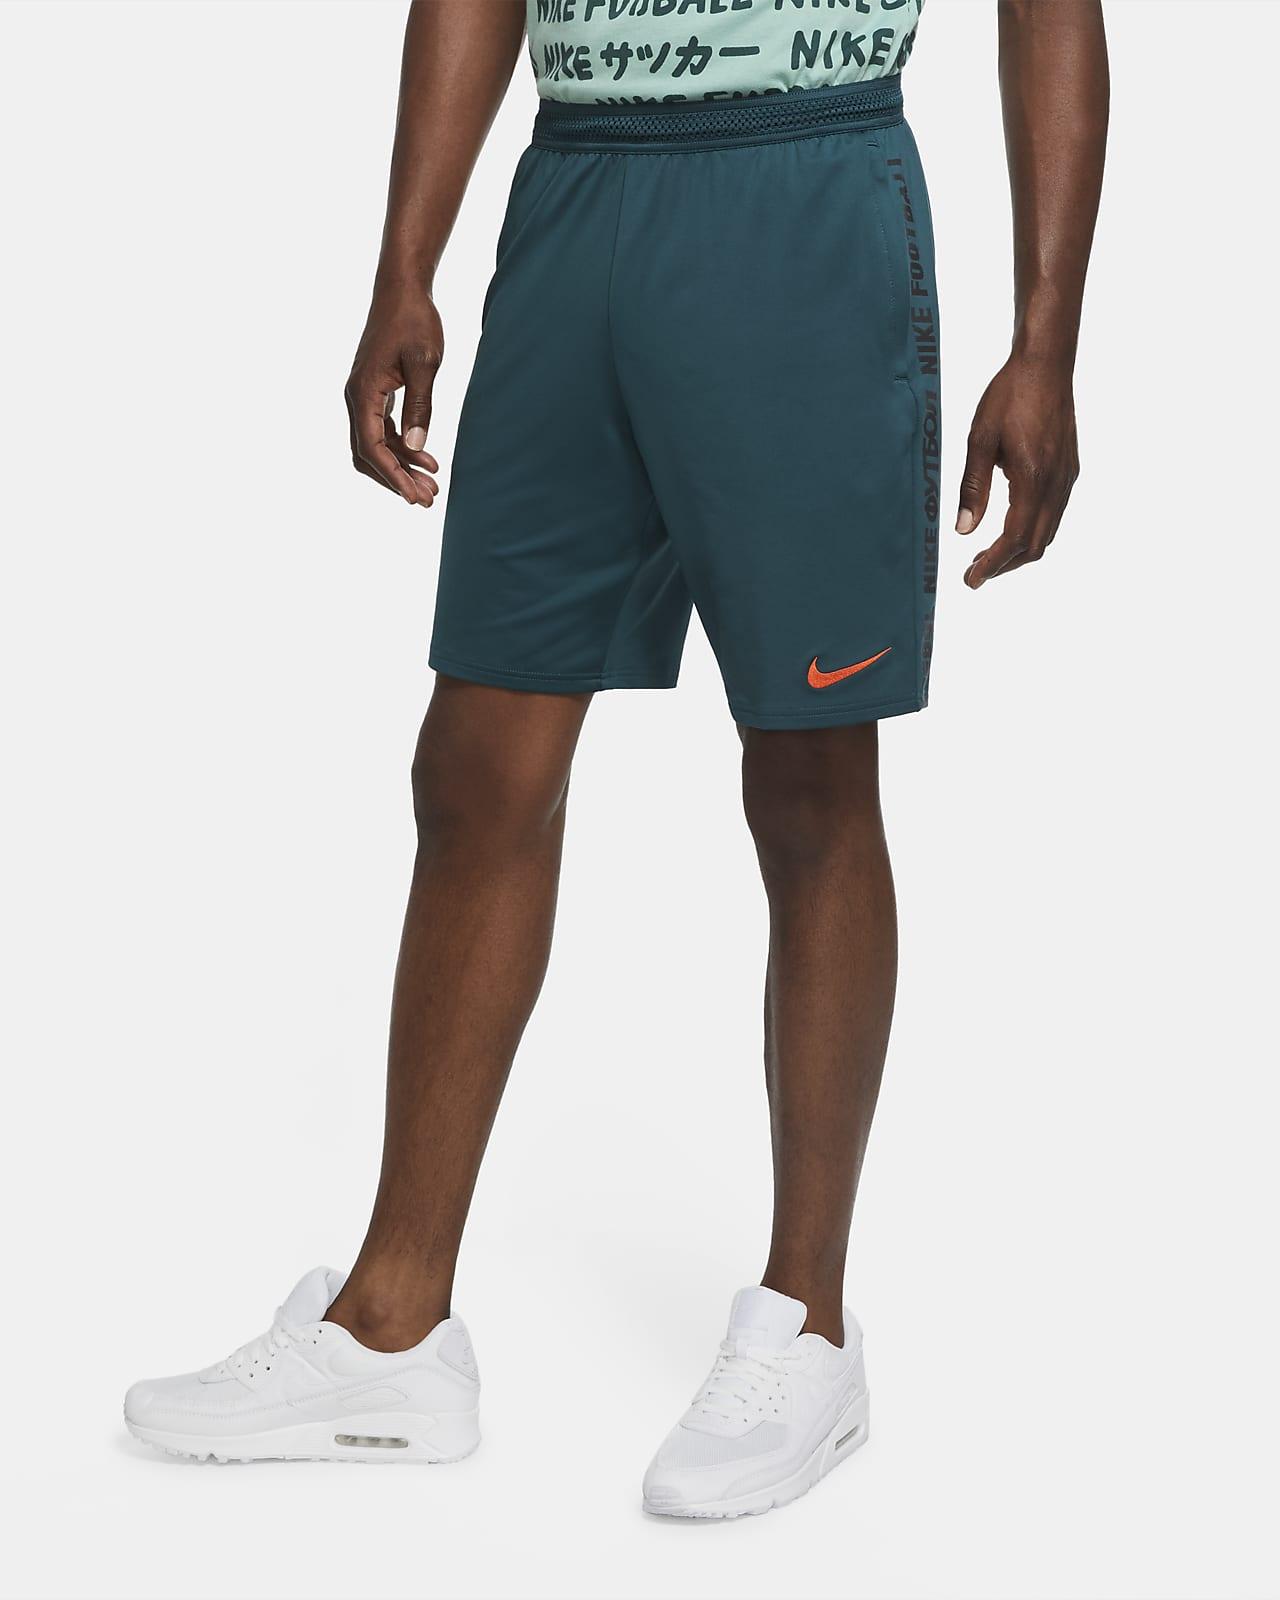 Nike F.C.-fodboldshorts i strik til mænd